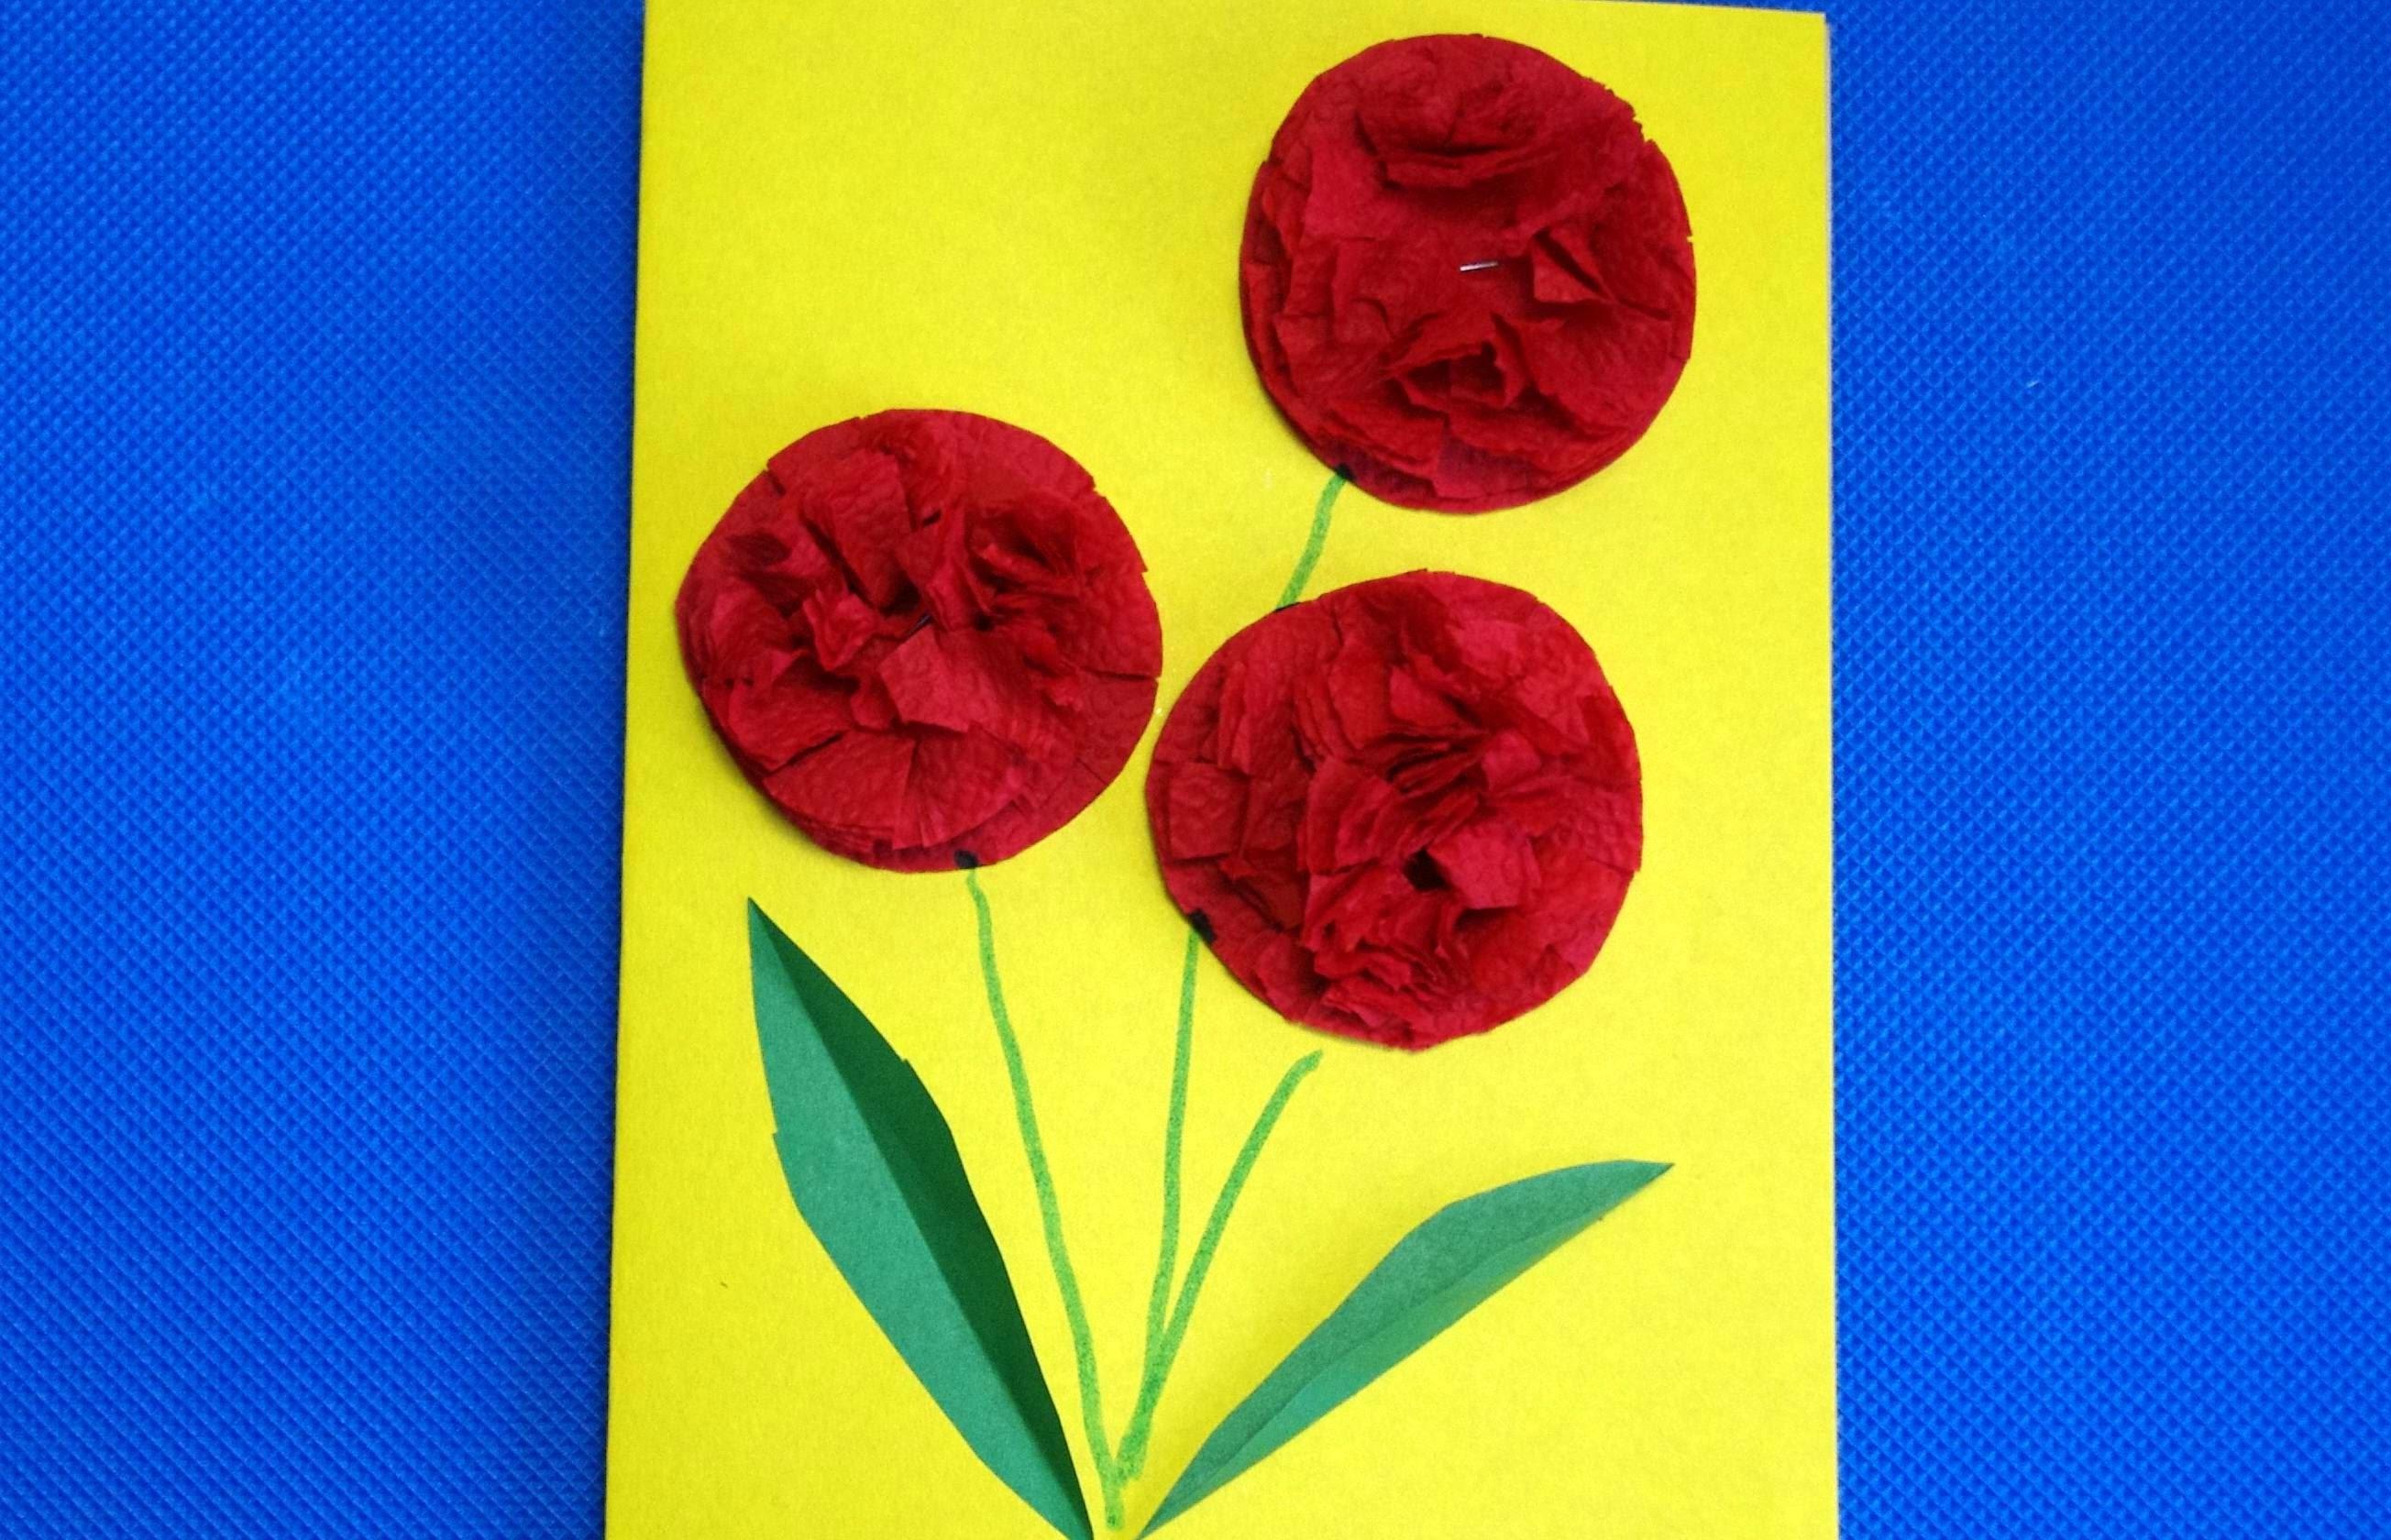 племени остались открытка на 8 марта своими руками цветы из салфетки деревянные можно